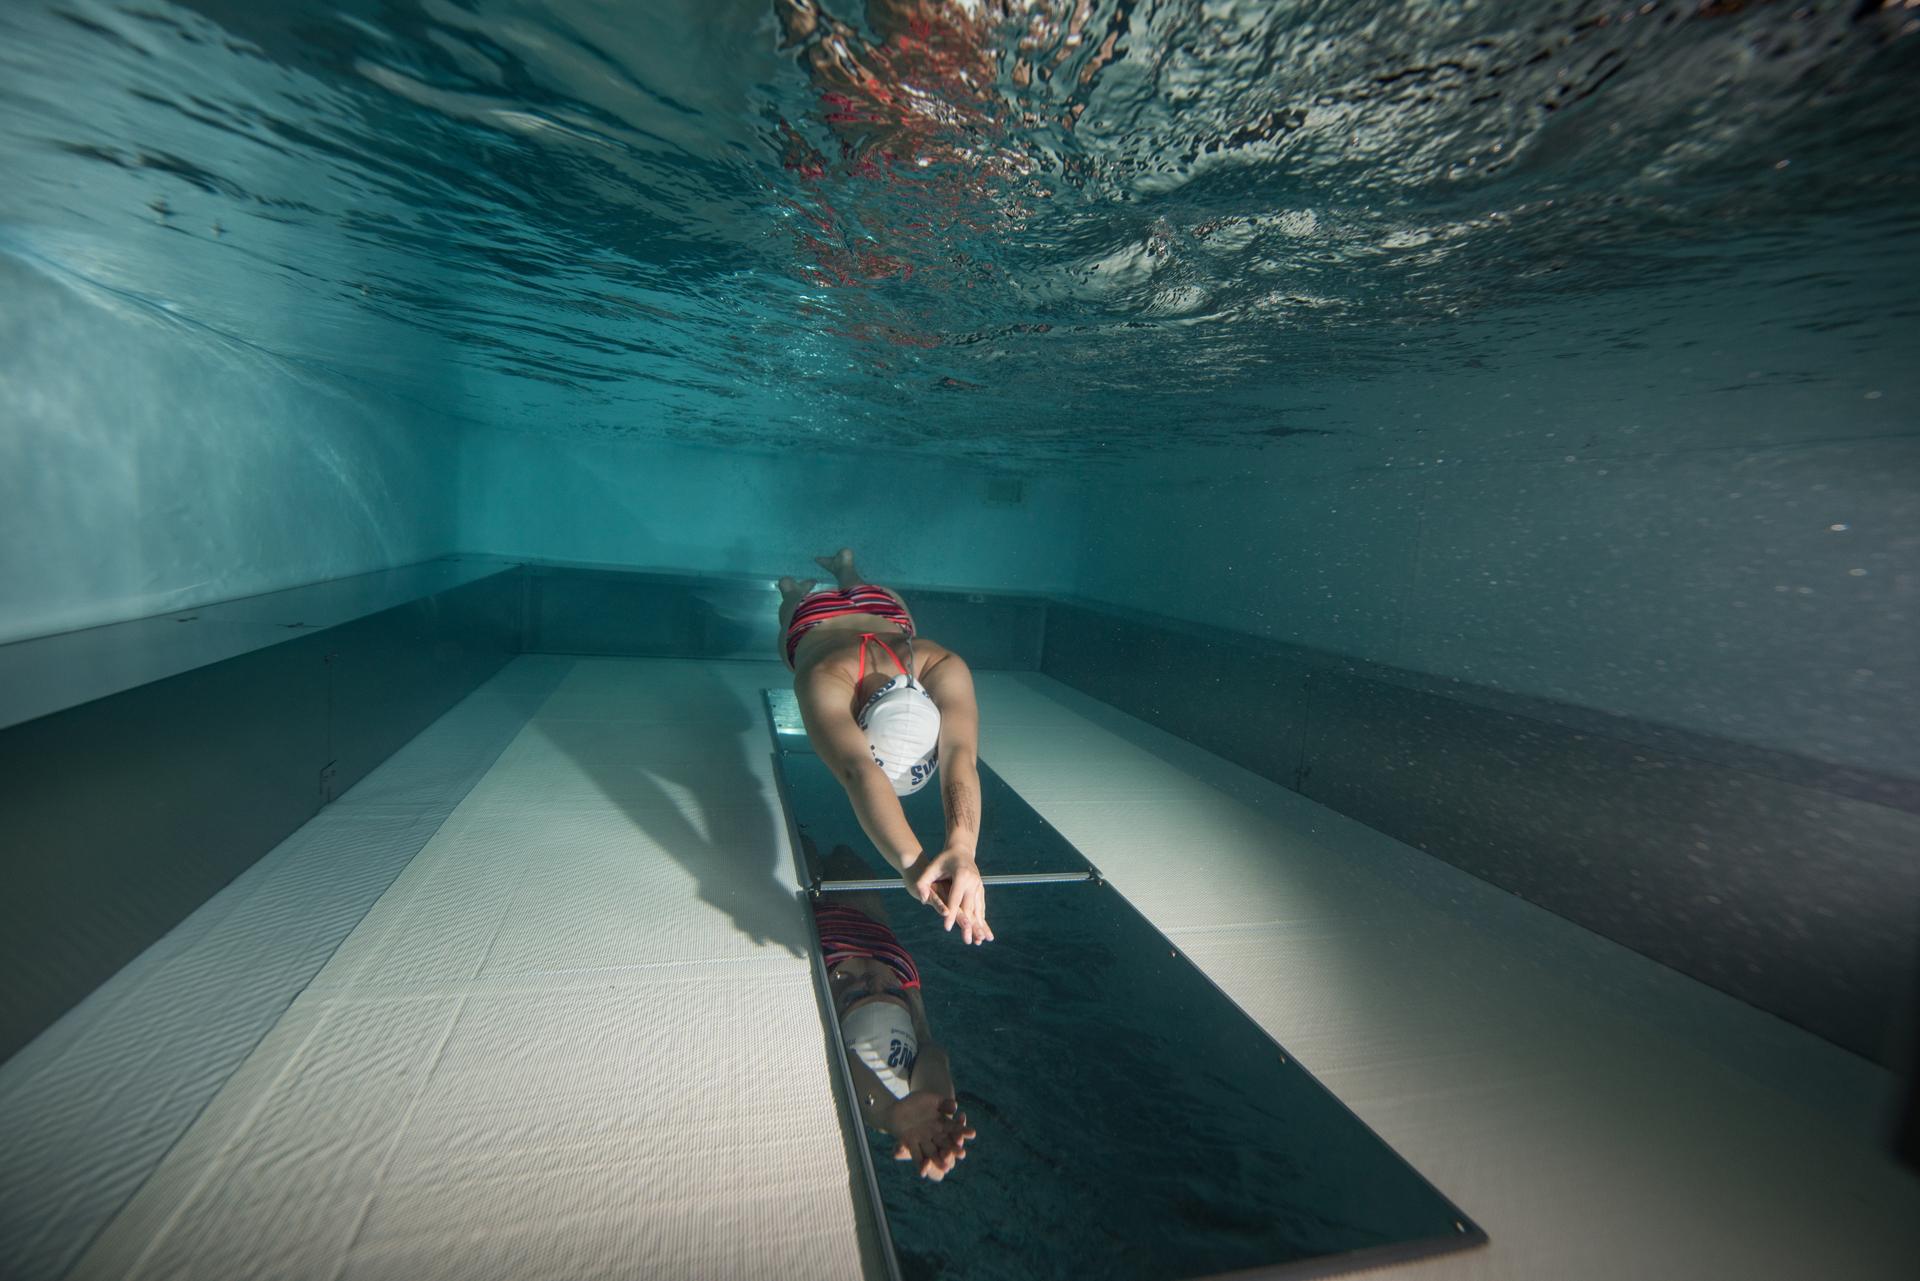 Yetişkinler için yüzme dersleri Yetişkinler için yüzme dersleri sayesinde yetişkinlerin doğru güvenli ve hızlı bir şekilde yüzme öğrenmeleri için SwimLabs başarısı kanıtlanmış ve yenilikçi bir yöntem sunmaktadır.